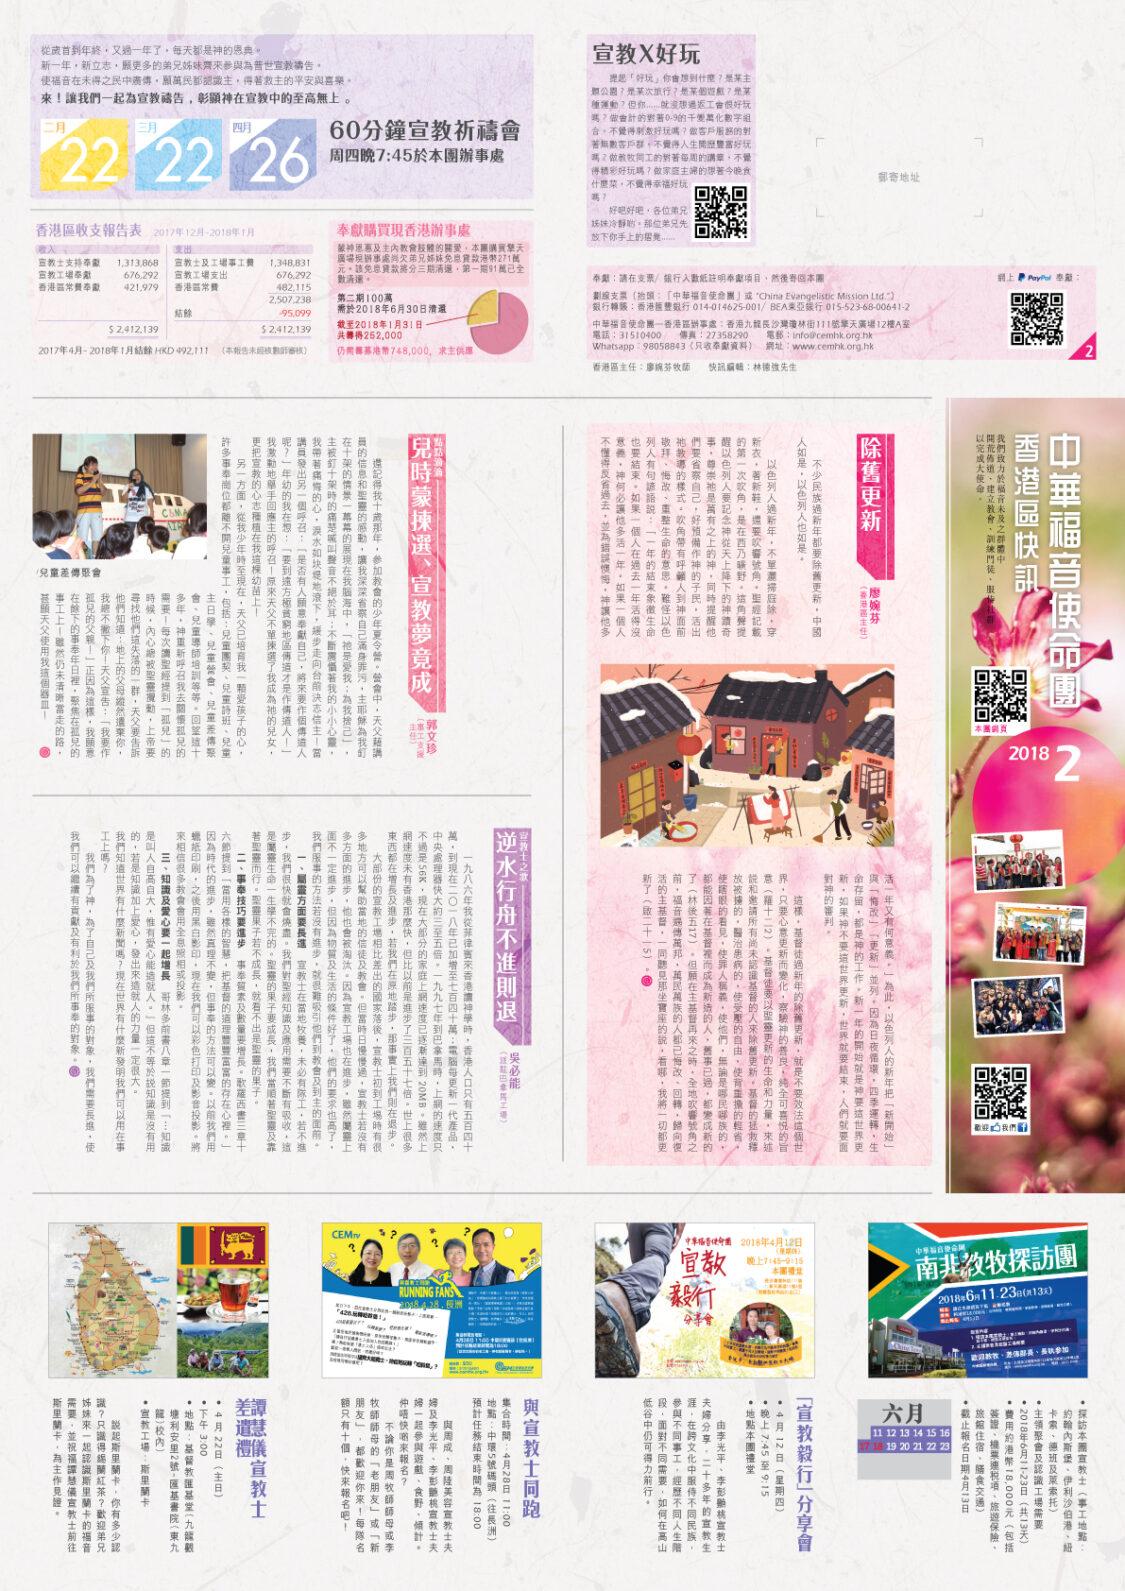 香港區快訊 2018(02) v4-01